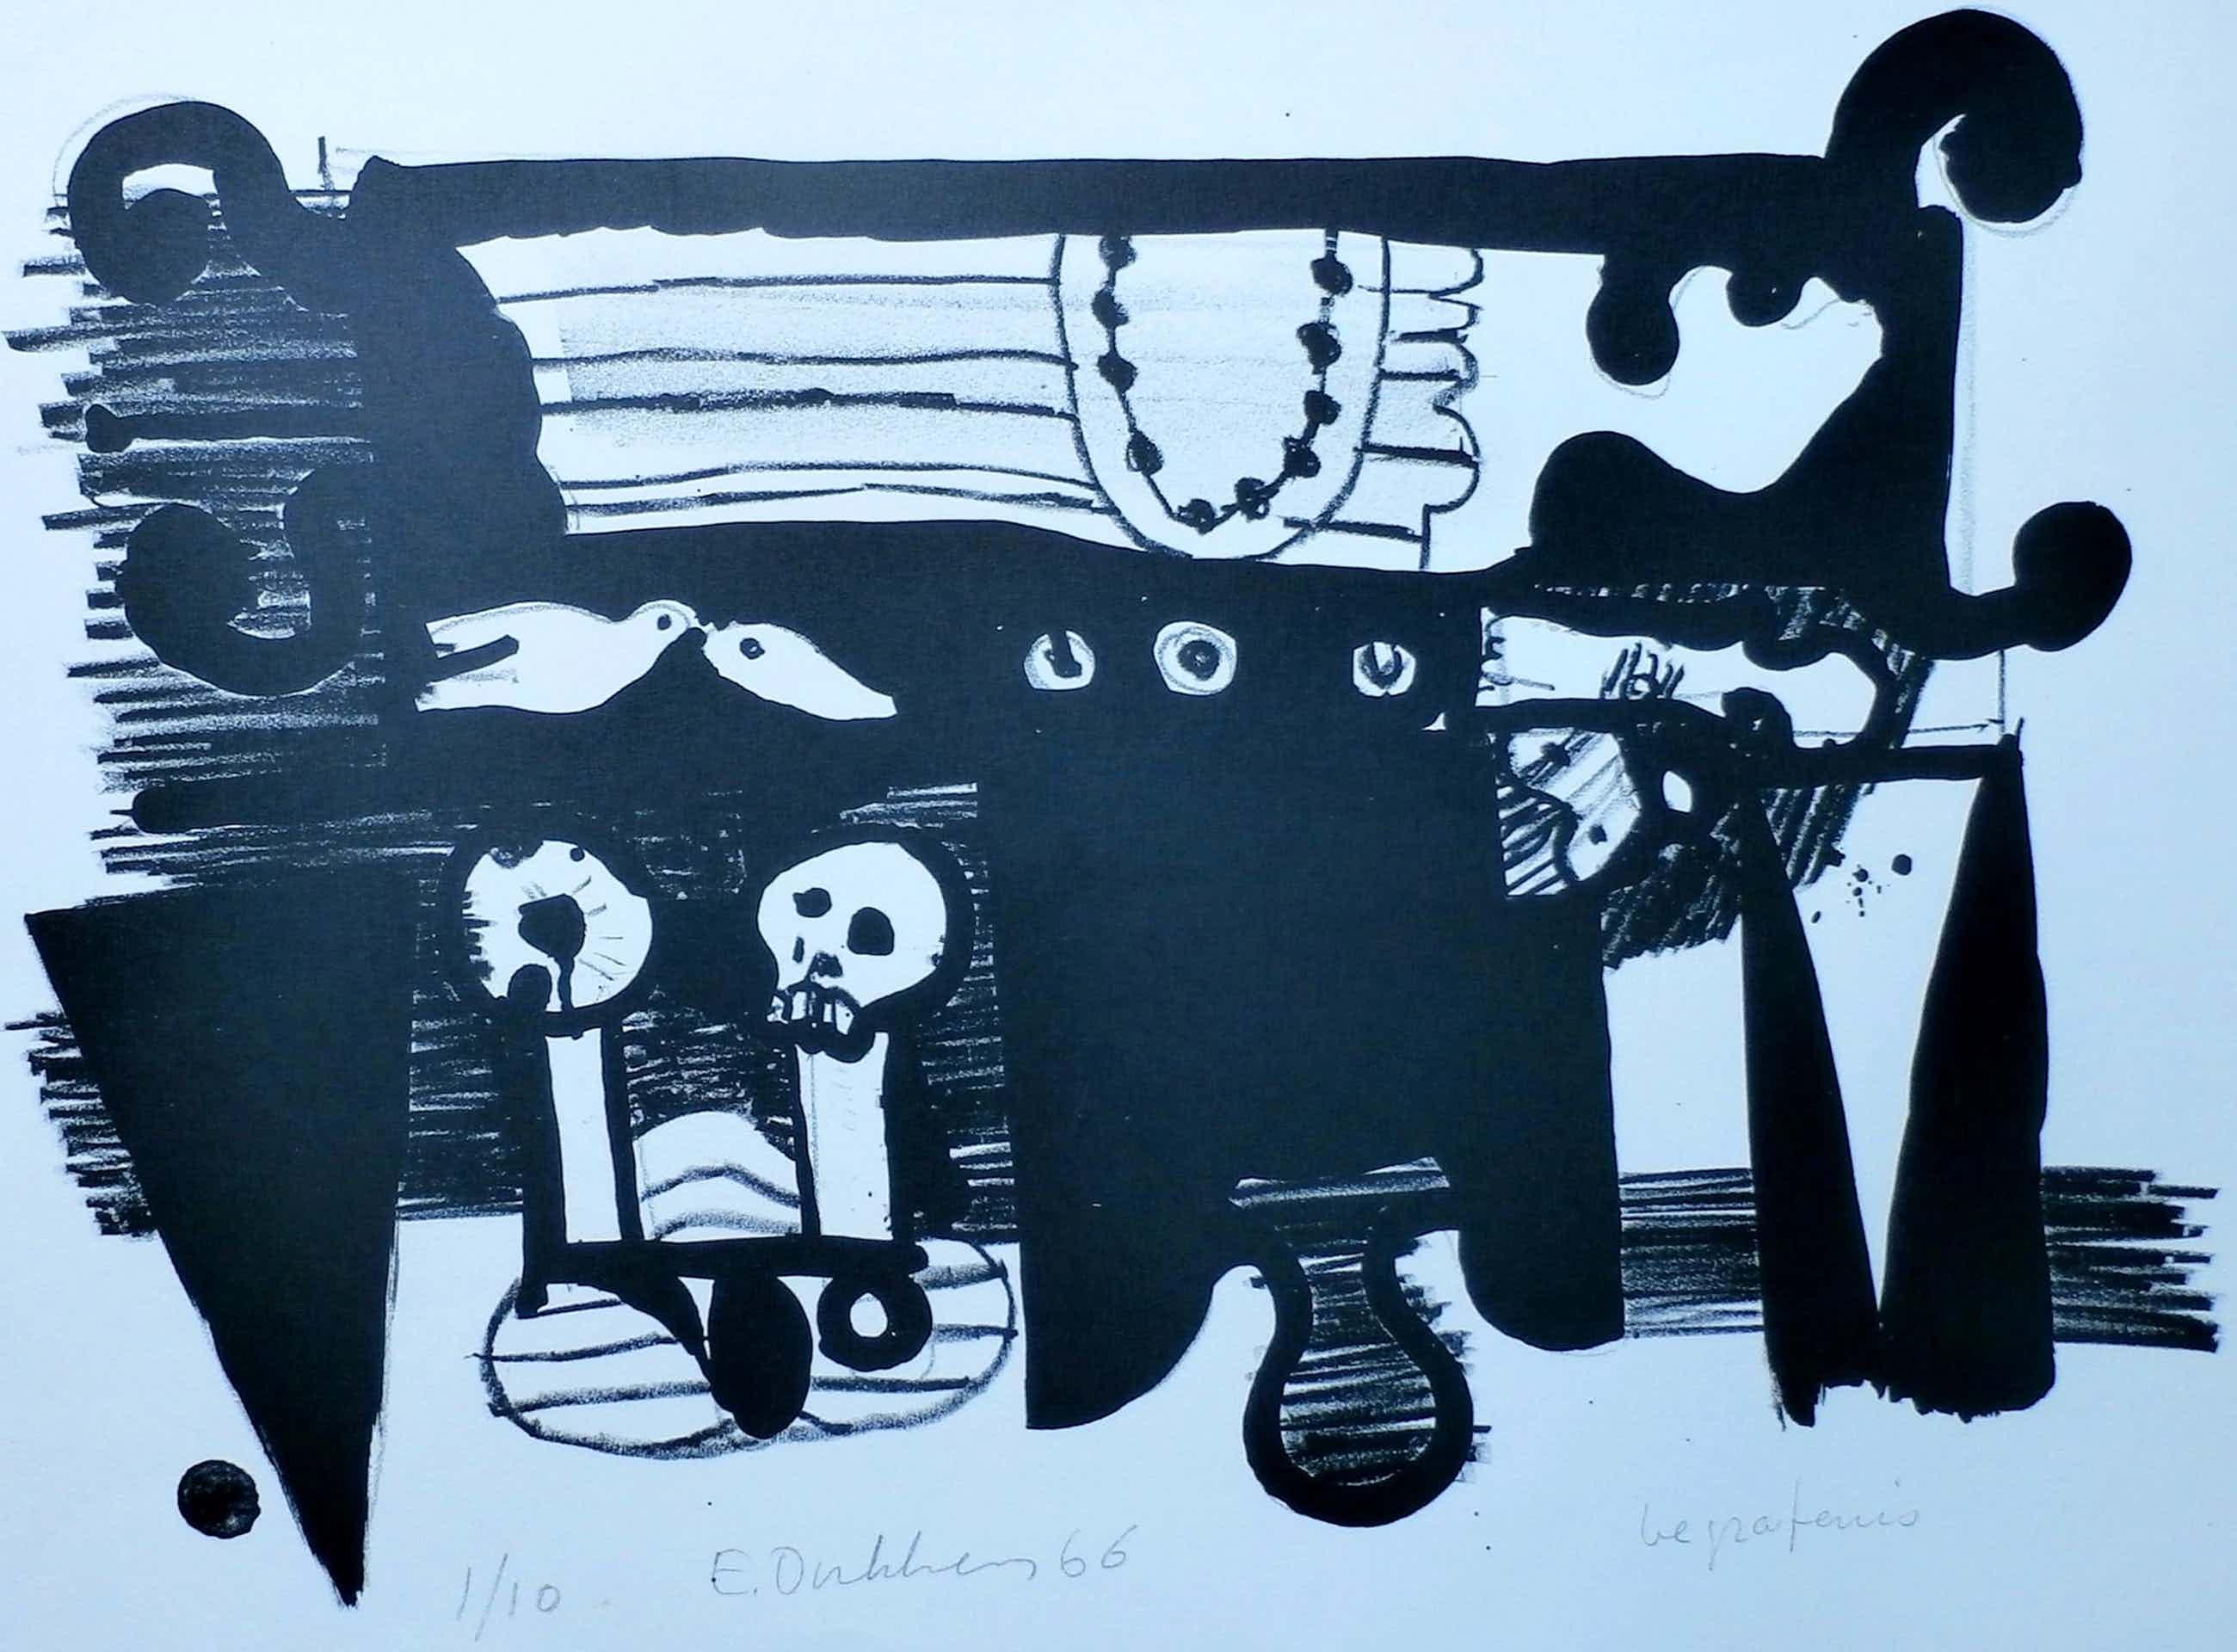 Ed Dukkers - Litho: Begrafenis - 1966 kopen? Bied vanaf 40!